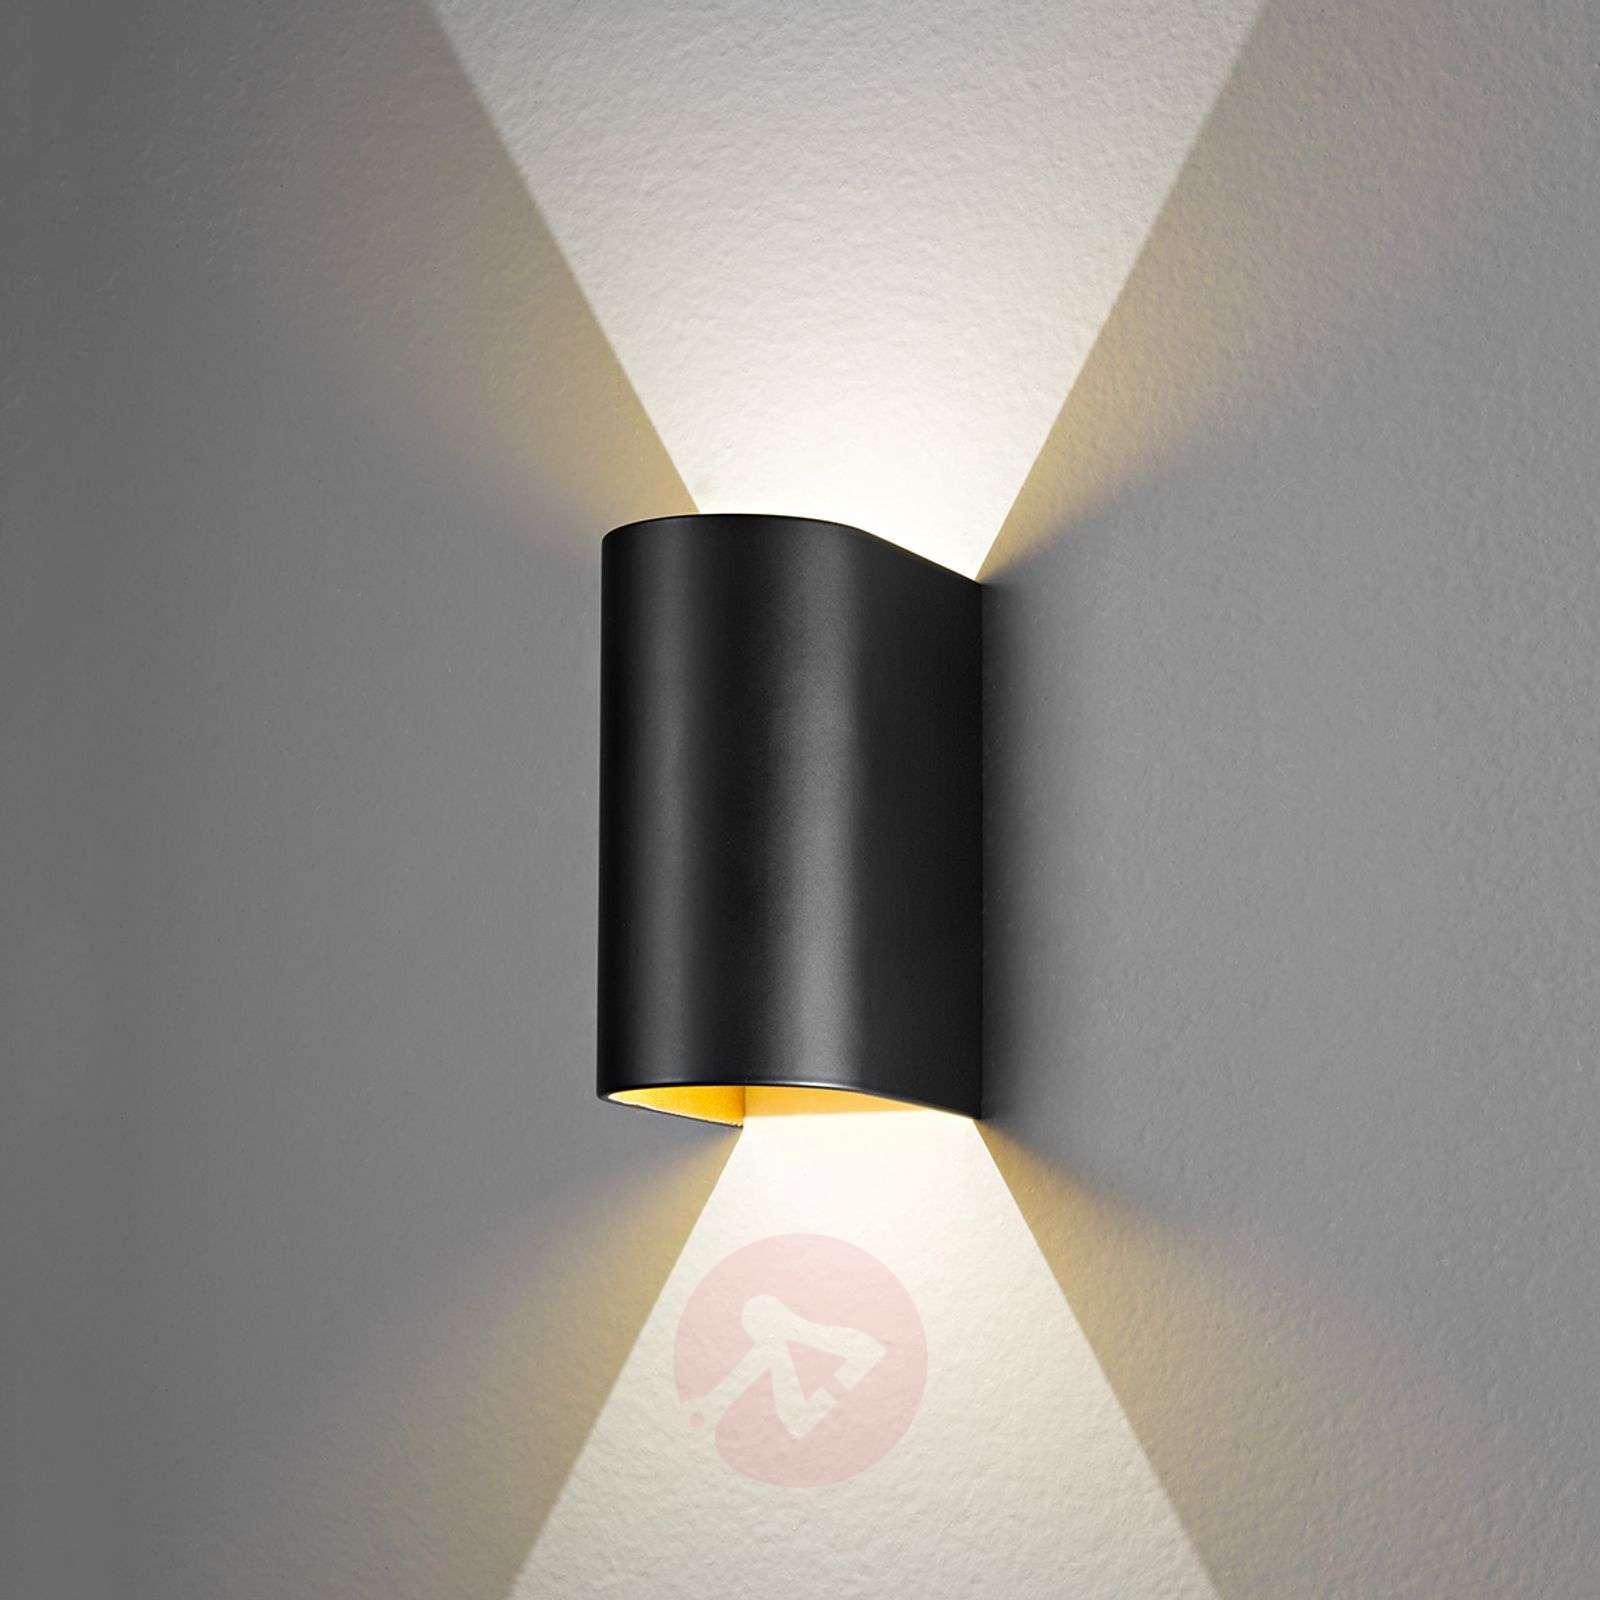 Black-gold Feeling LED wall light-3023089-01